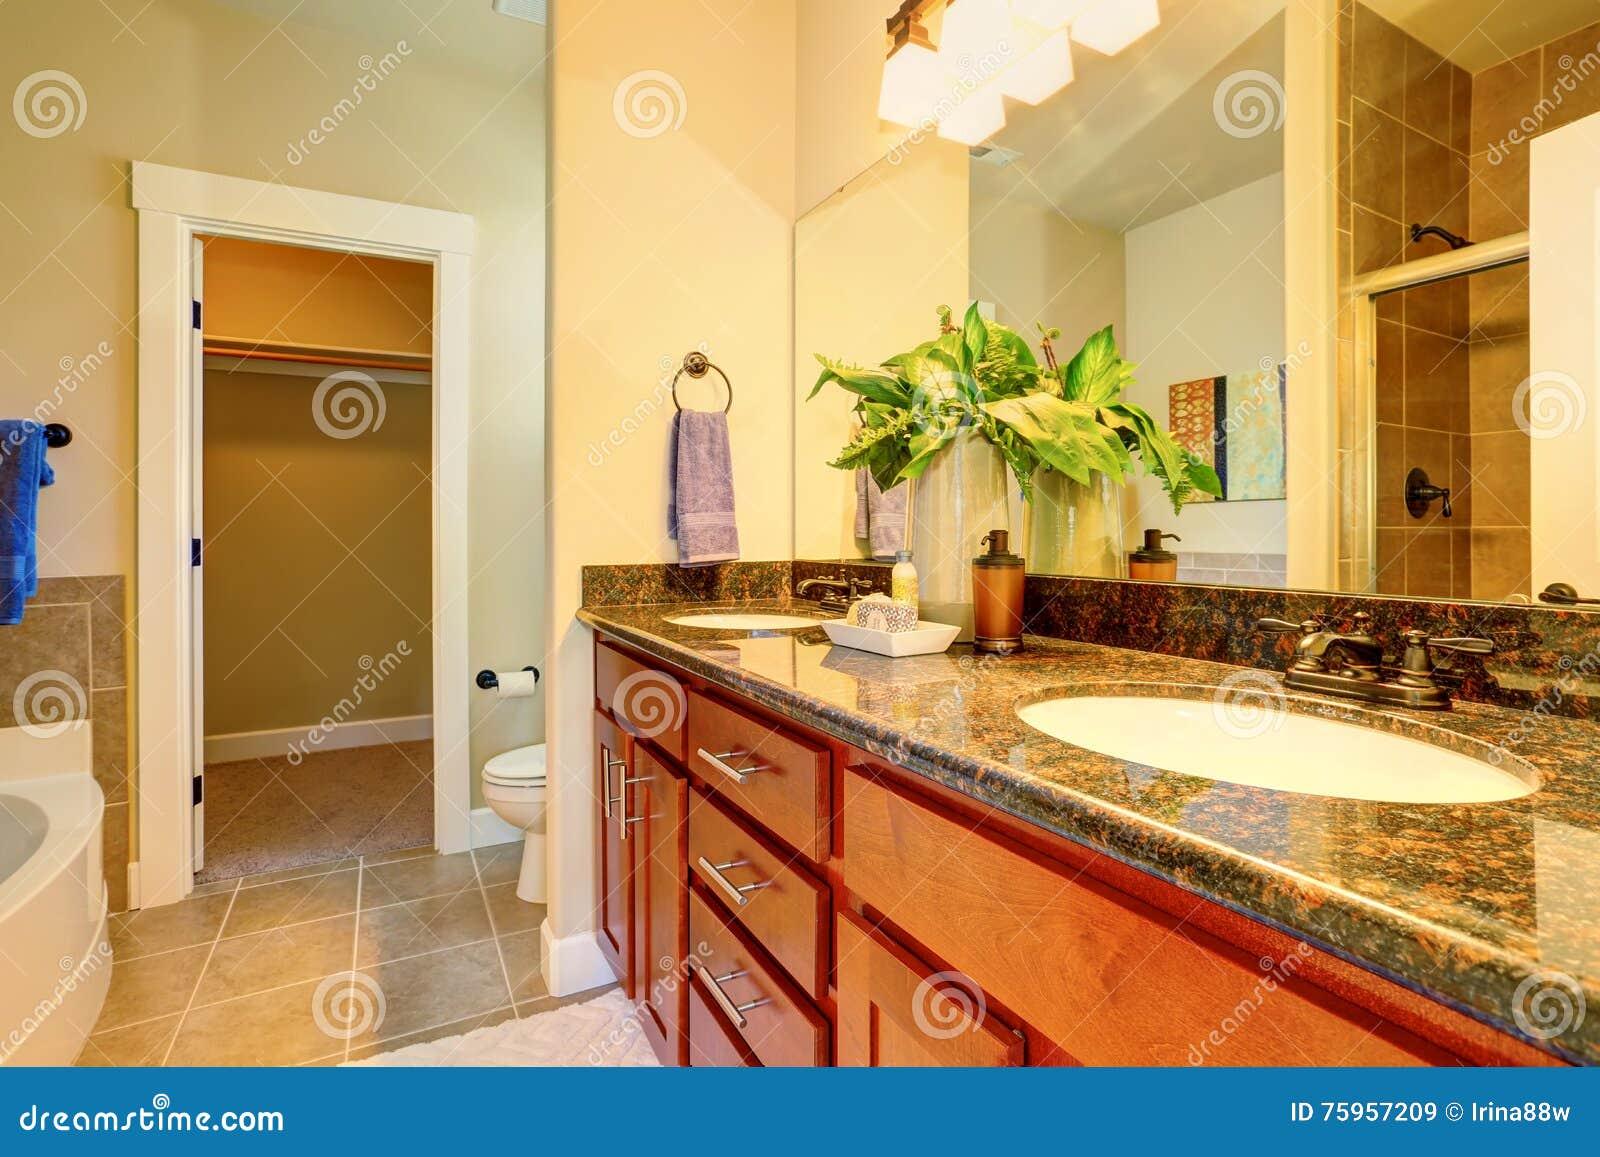 Bagni Con Piastrelle Bianchi : Bagno con la vasca da bagno la pavimentazione in piastrelle ed il